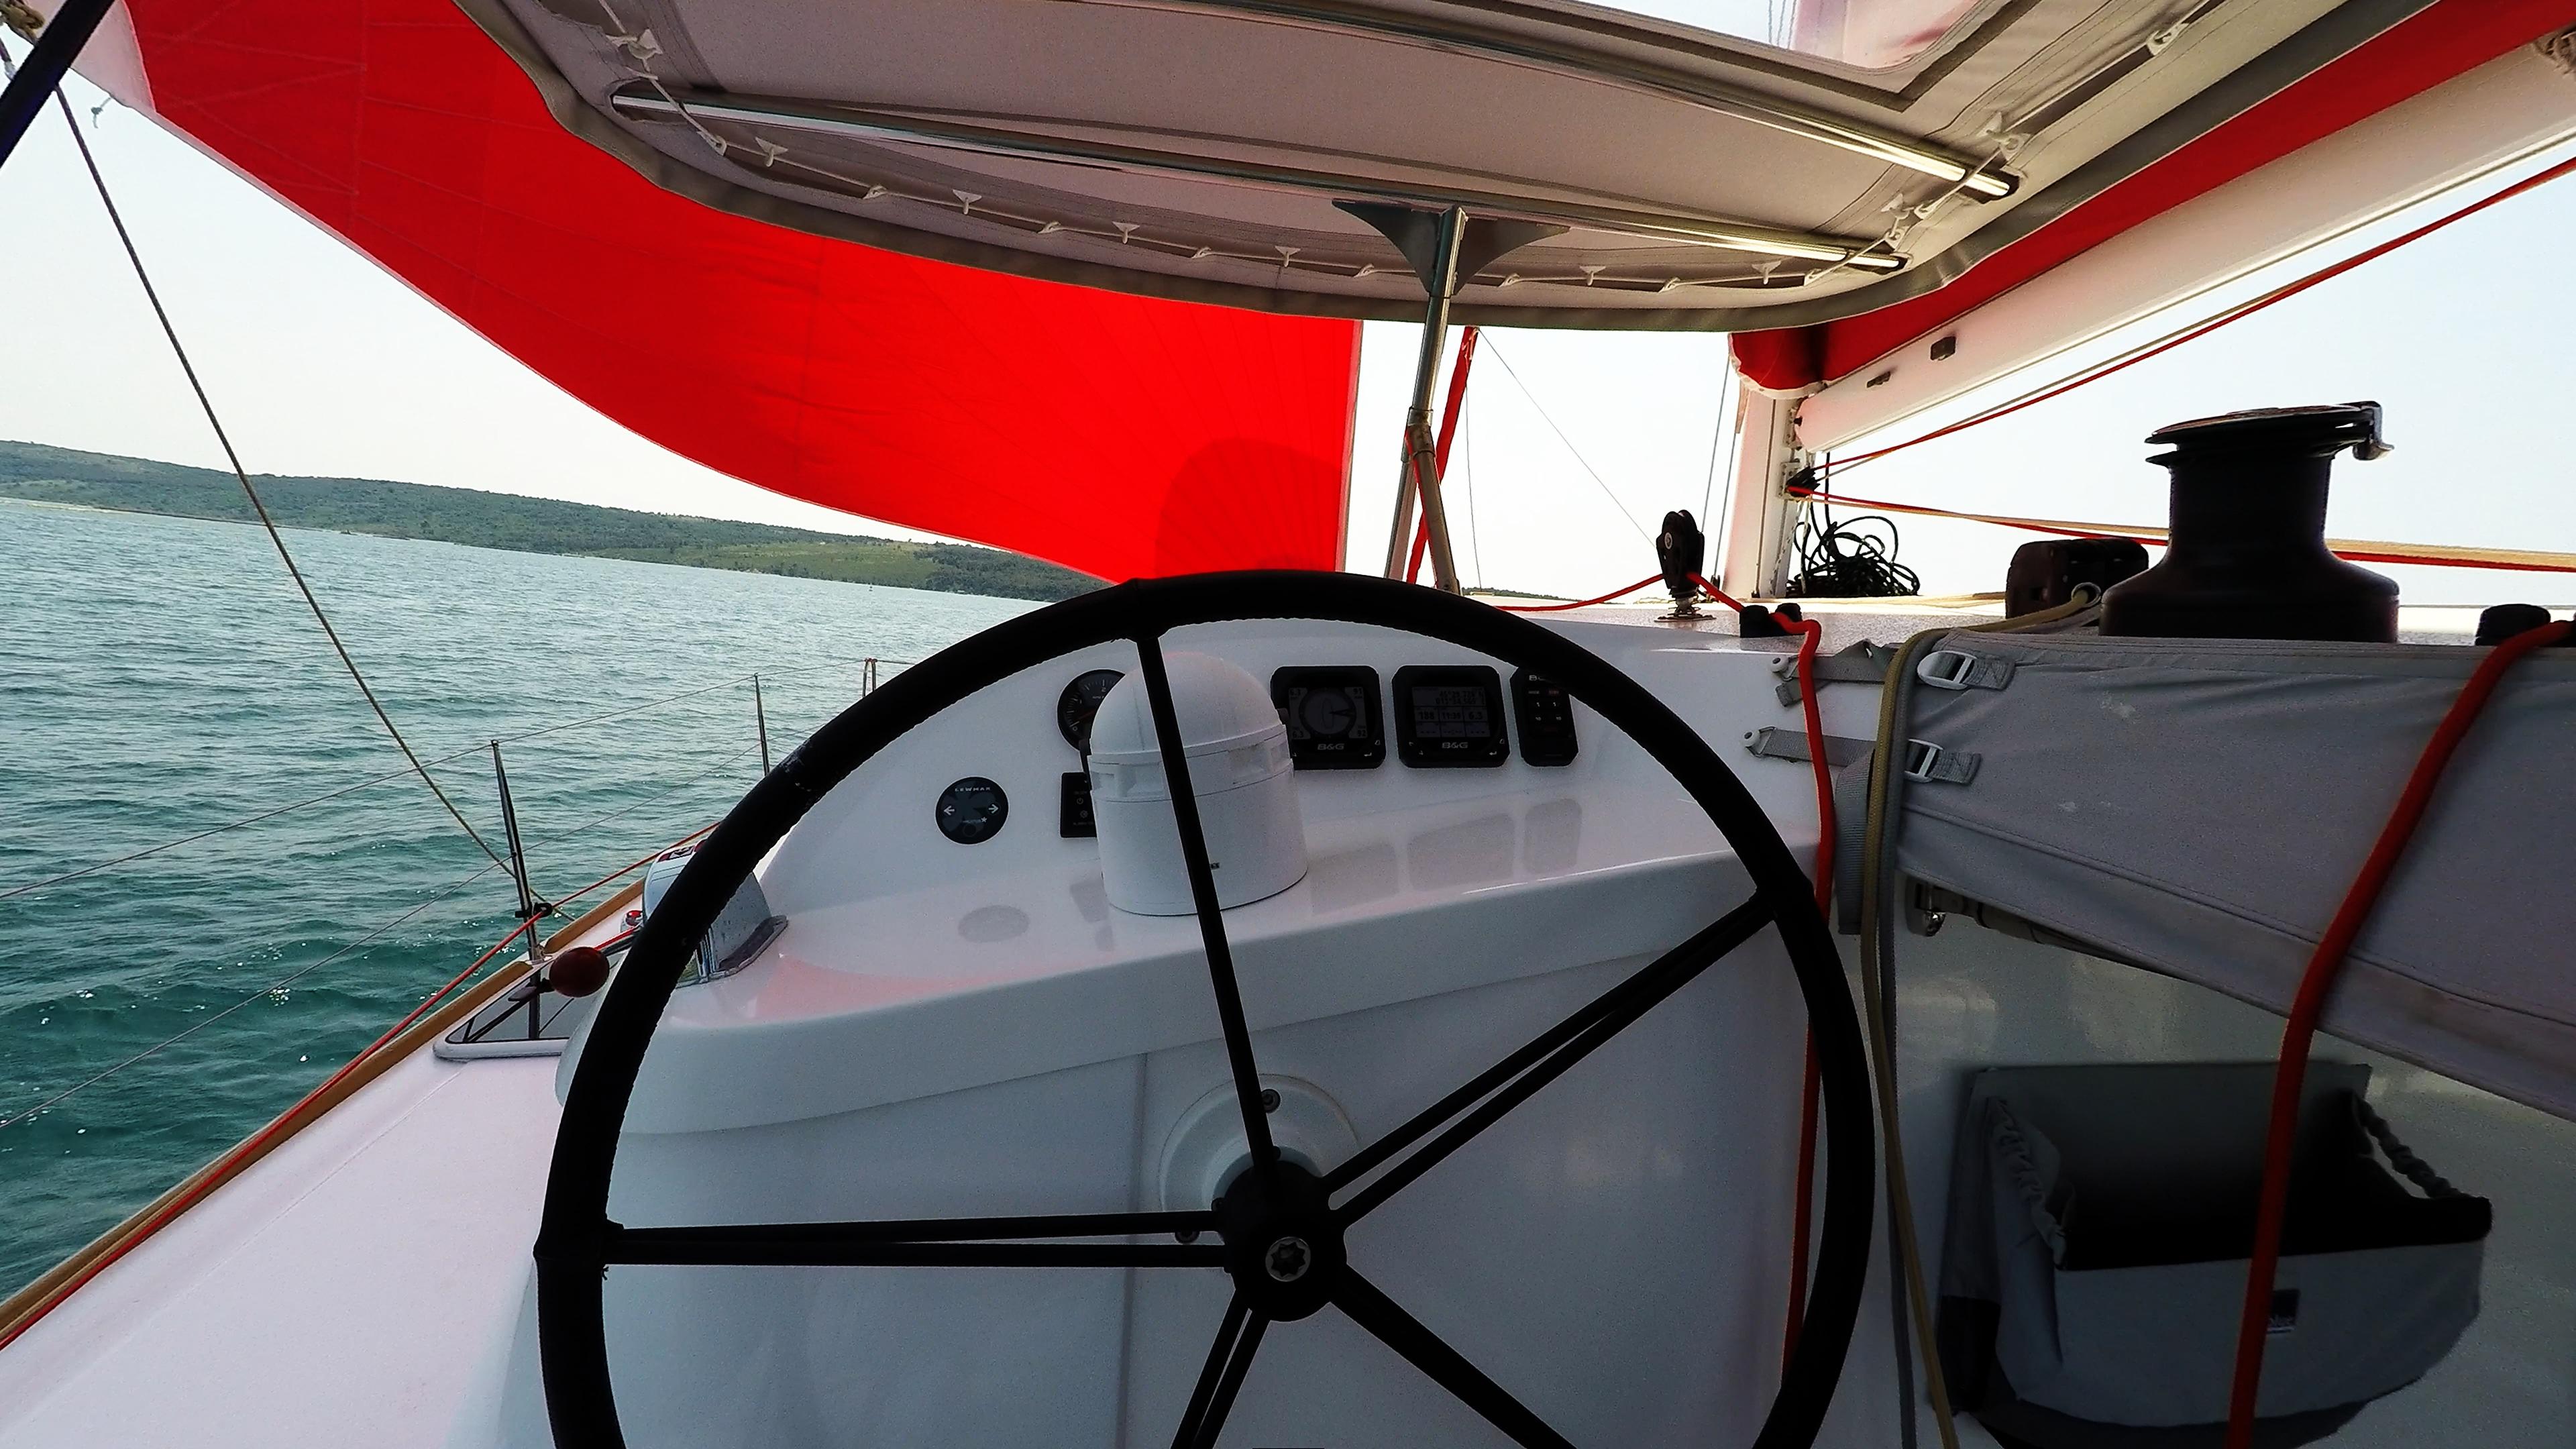 trimarano multiscafo barca a vela neel 45 skipper cockpit ruota del timone strumenti bozzello